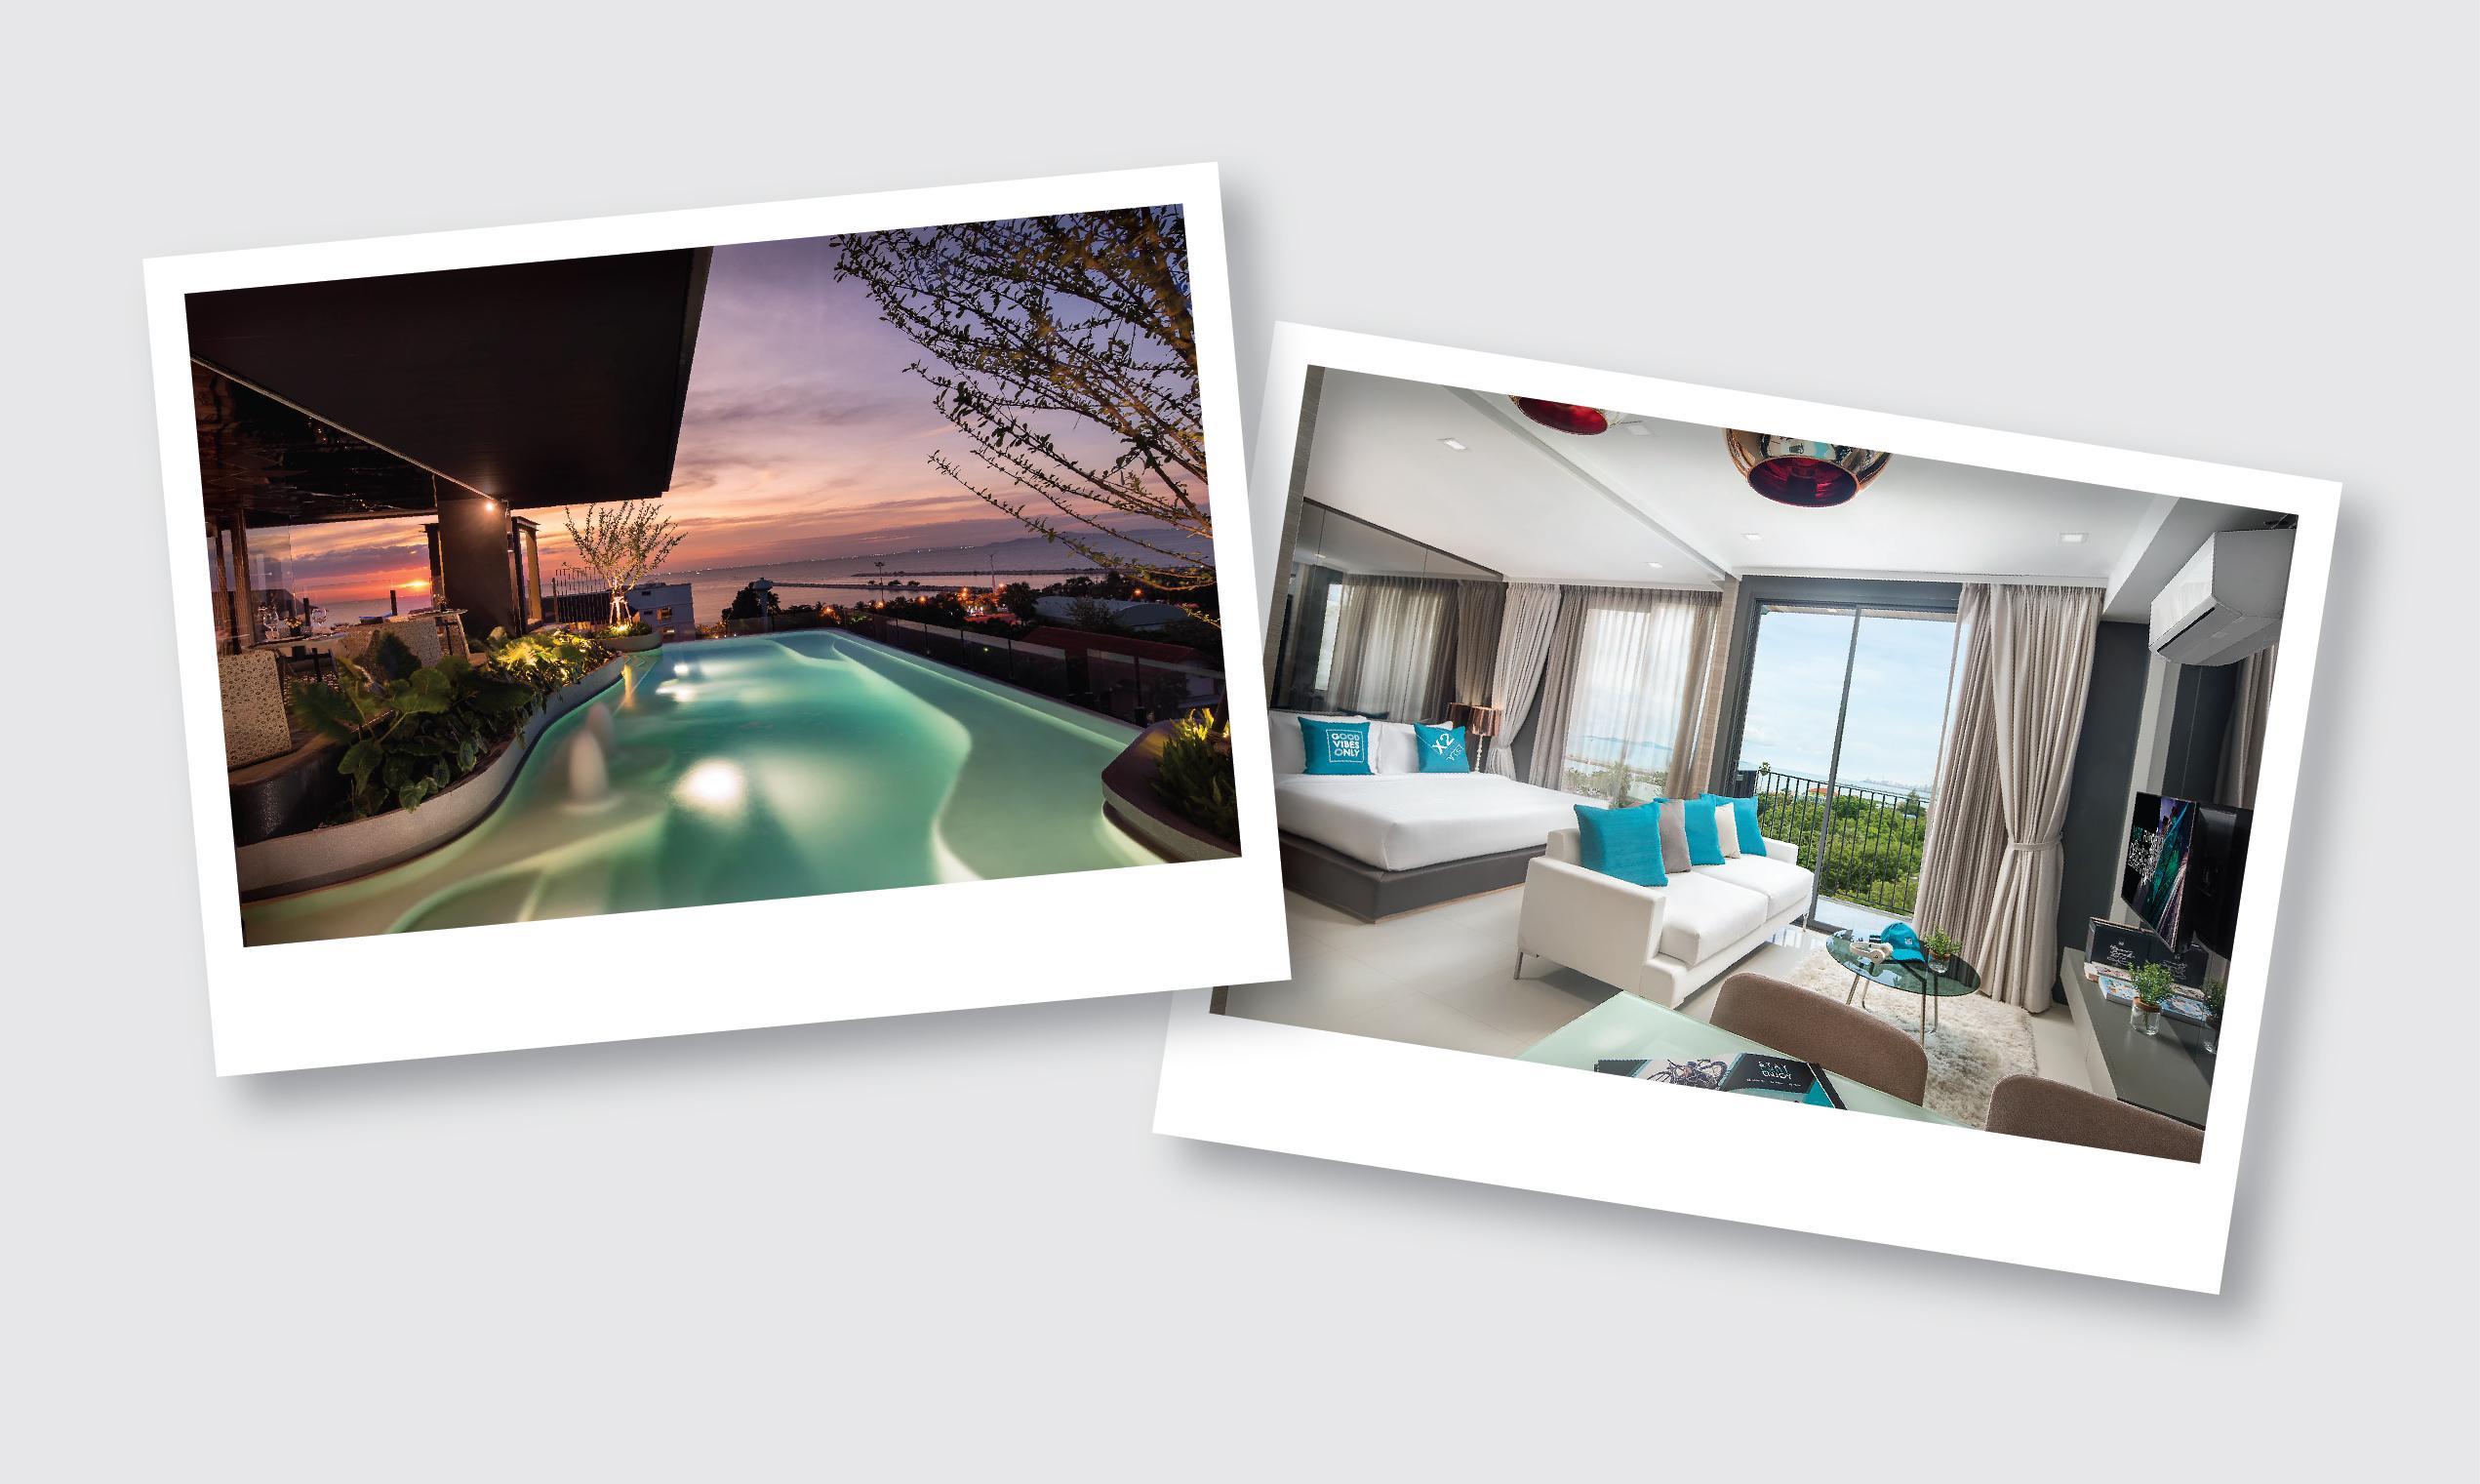 บัตรห้องพักโรงแรม X2 Vibe Pattaya